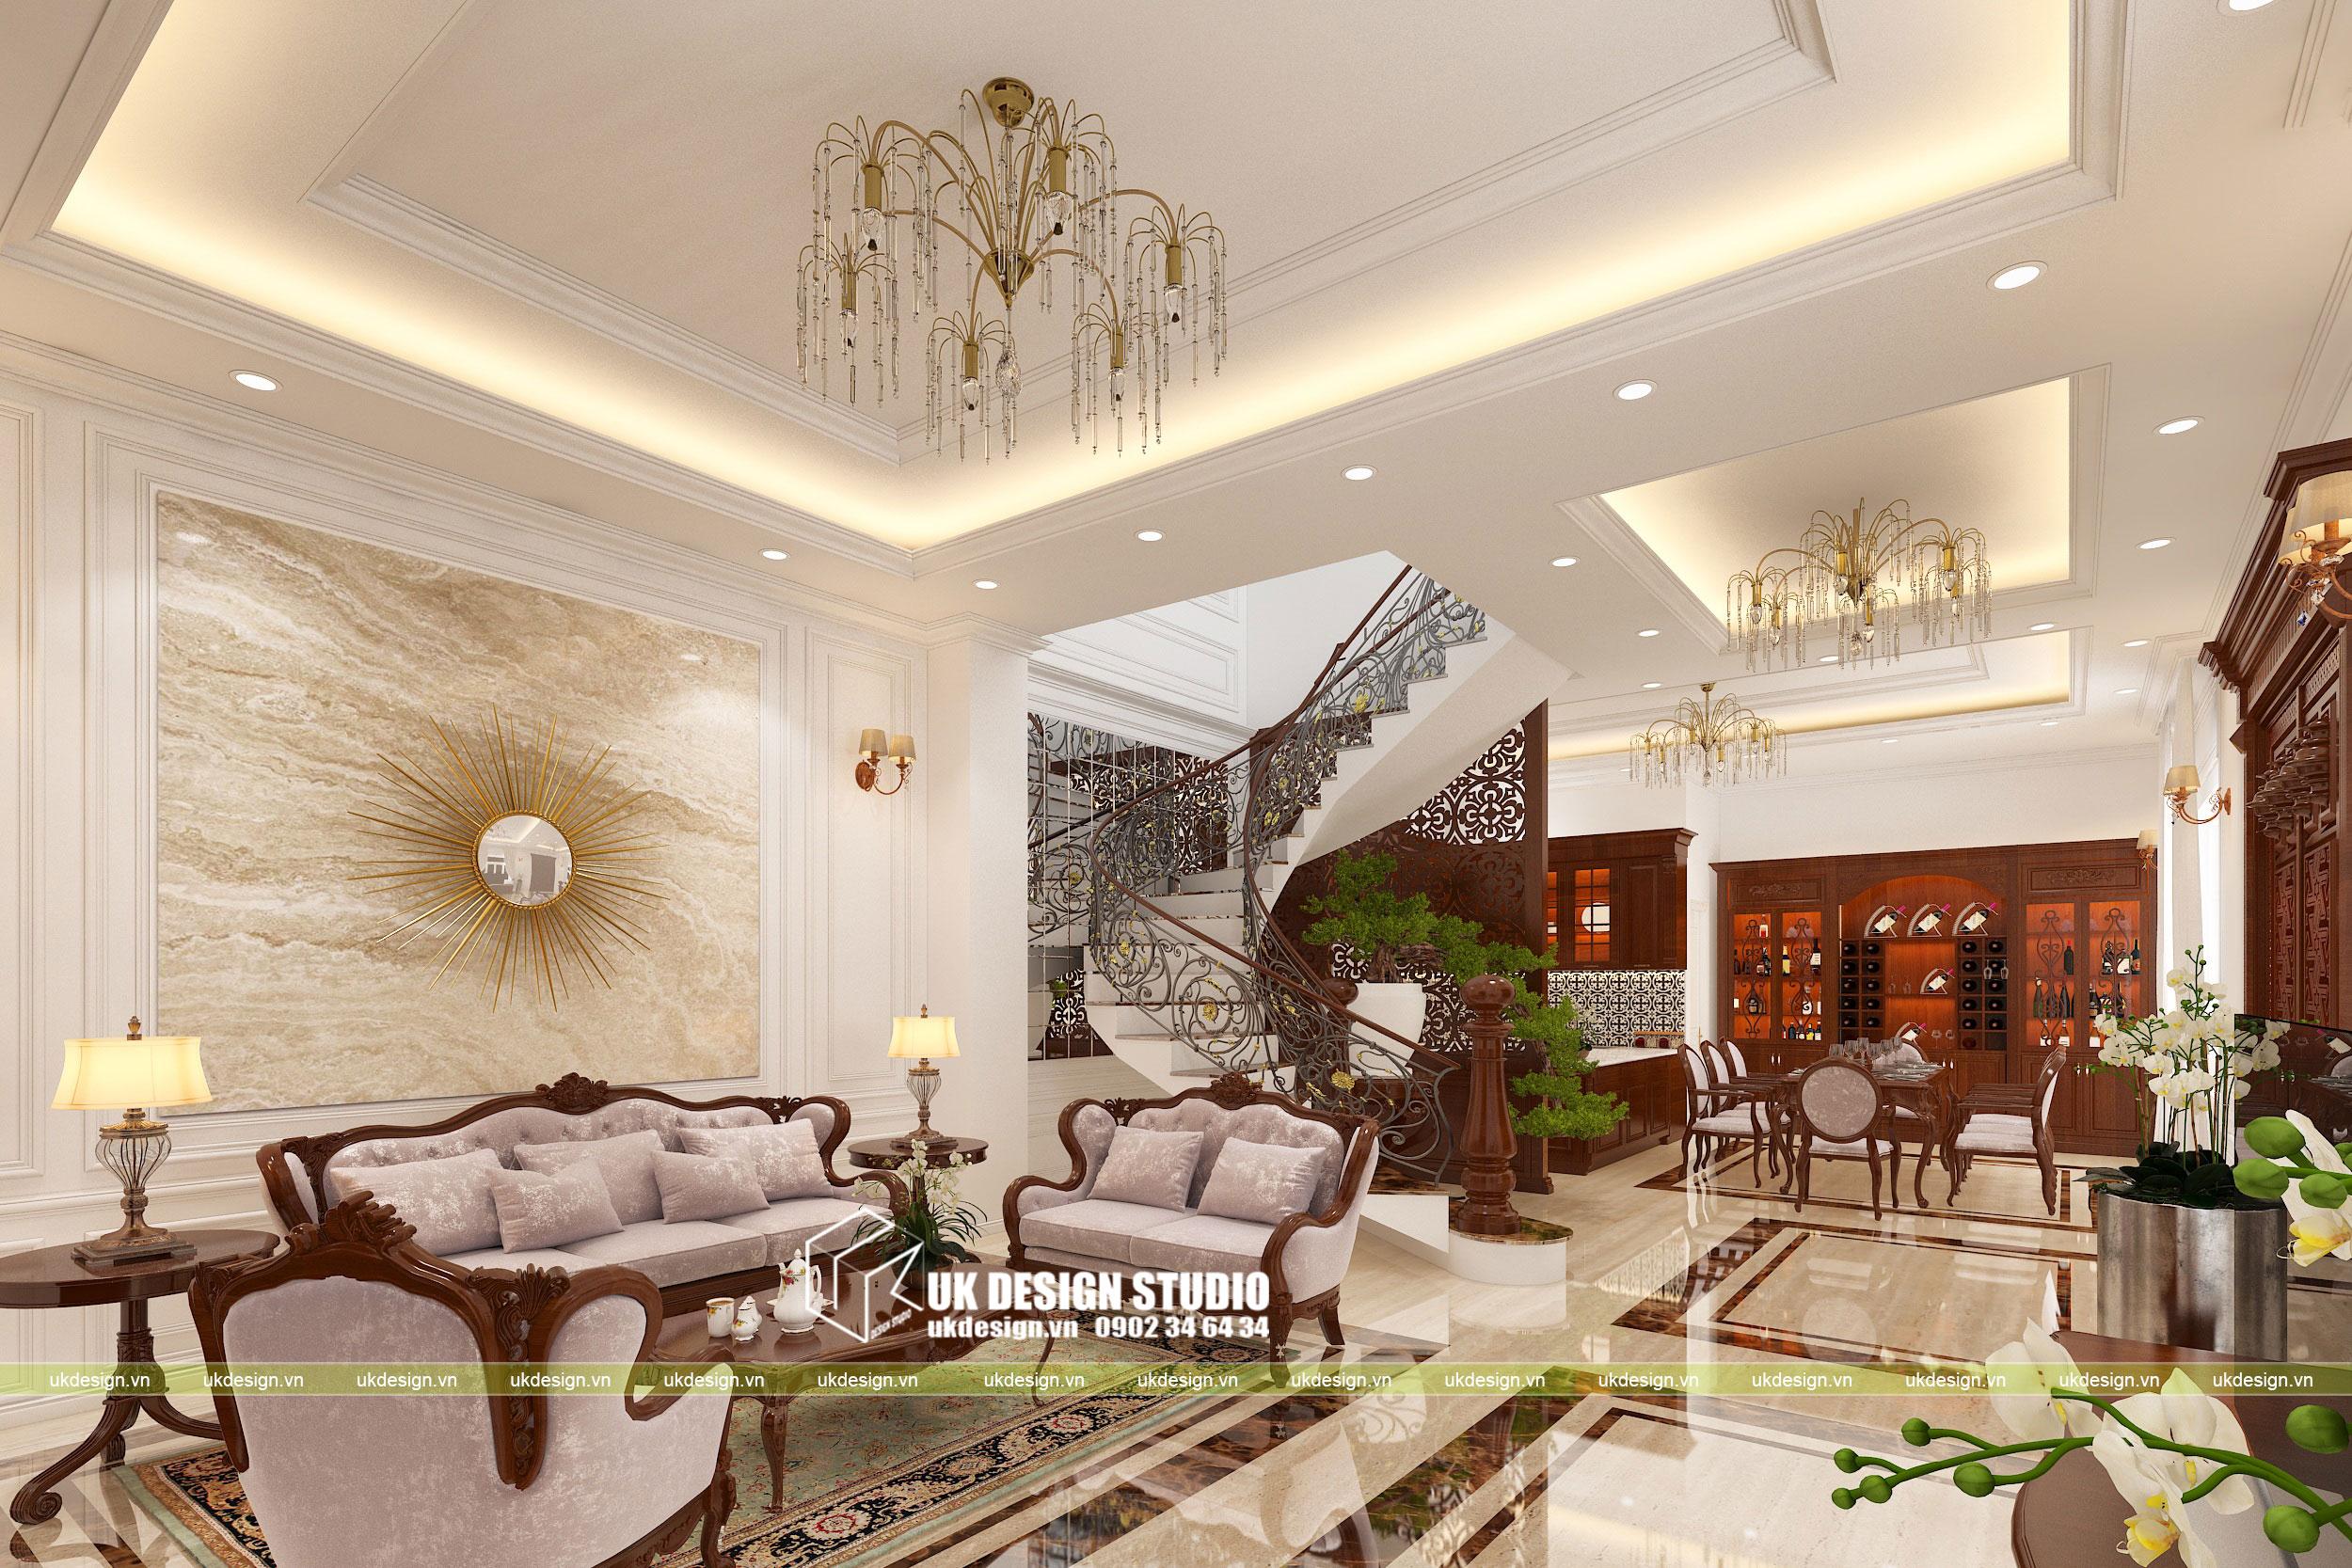 Thiết kế nội thất biệt thự cổ điển 10x20m